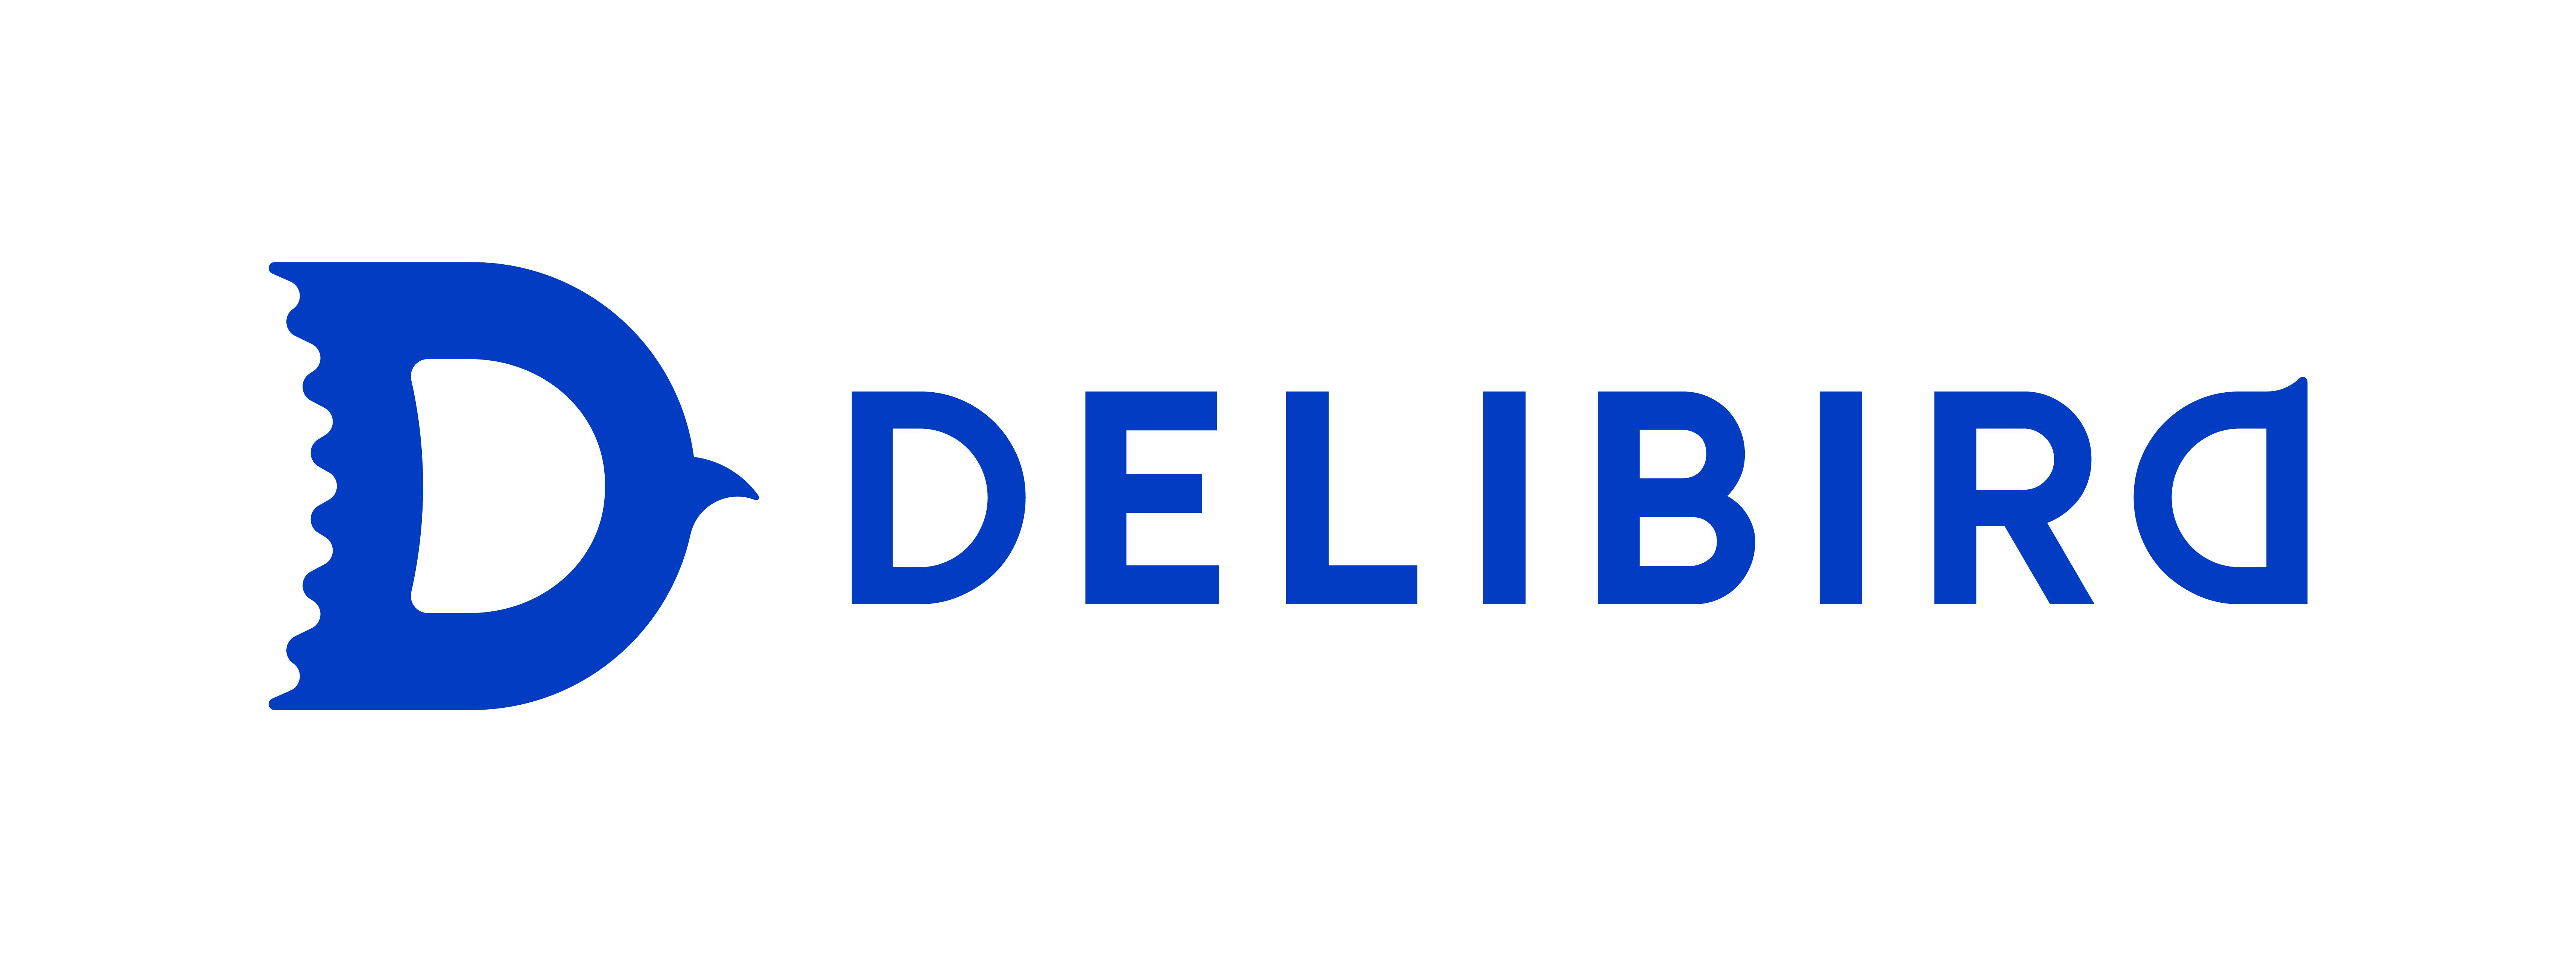 DELIBIRD / logo